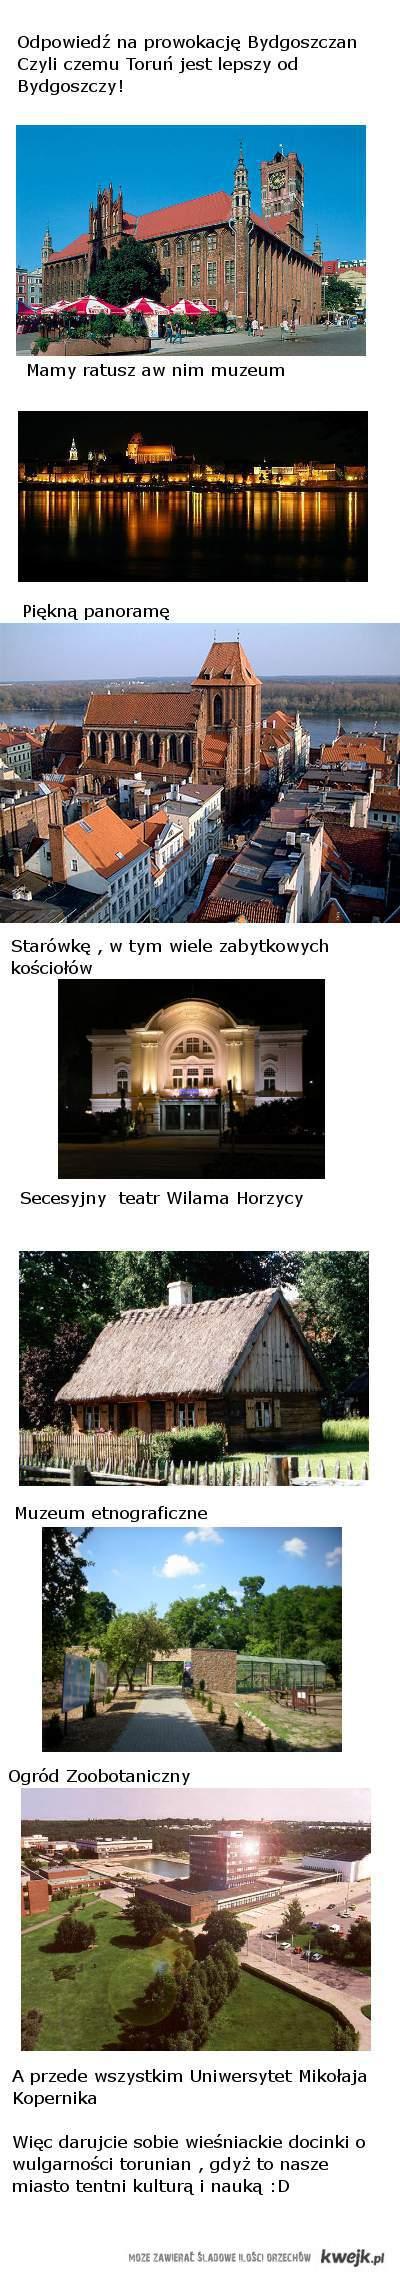 Toruń miasto kultury ,